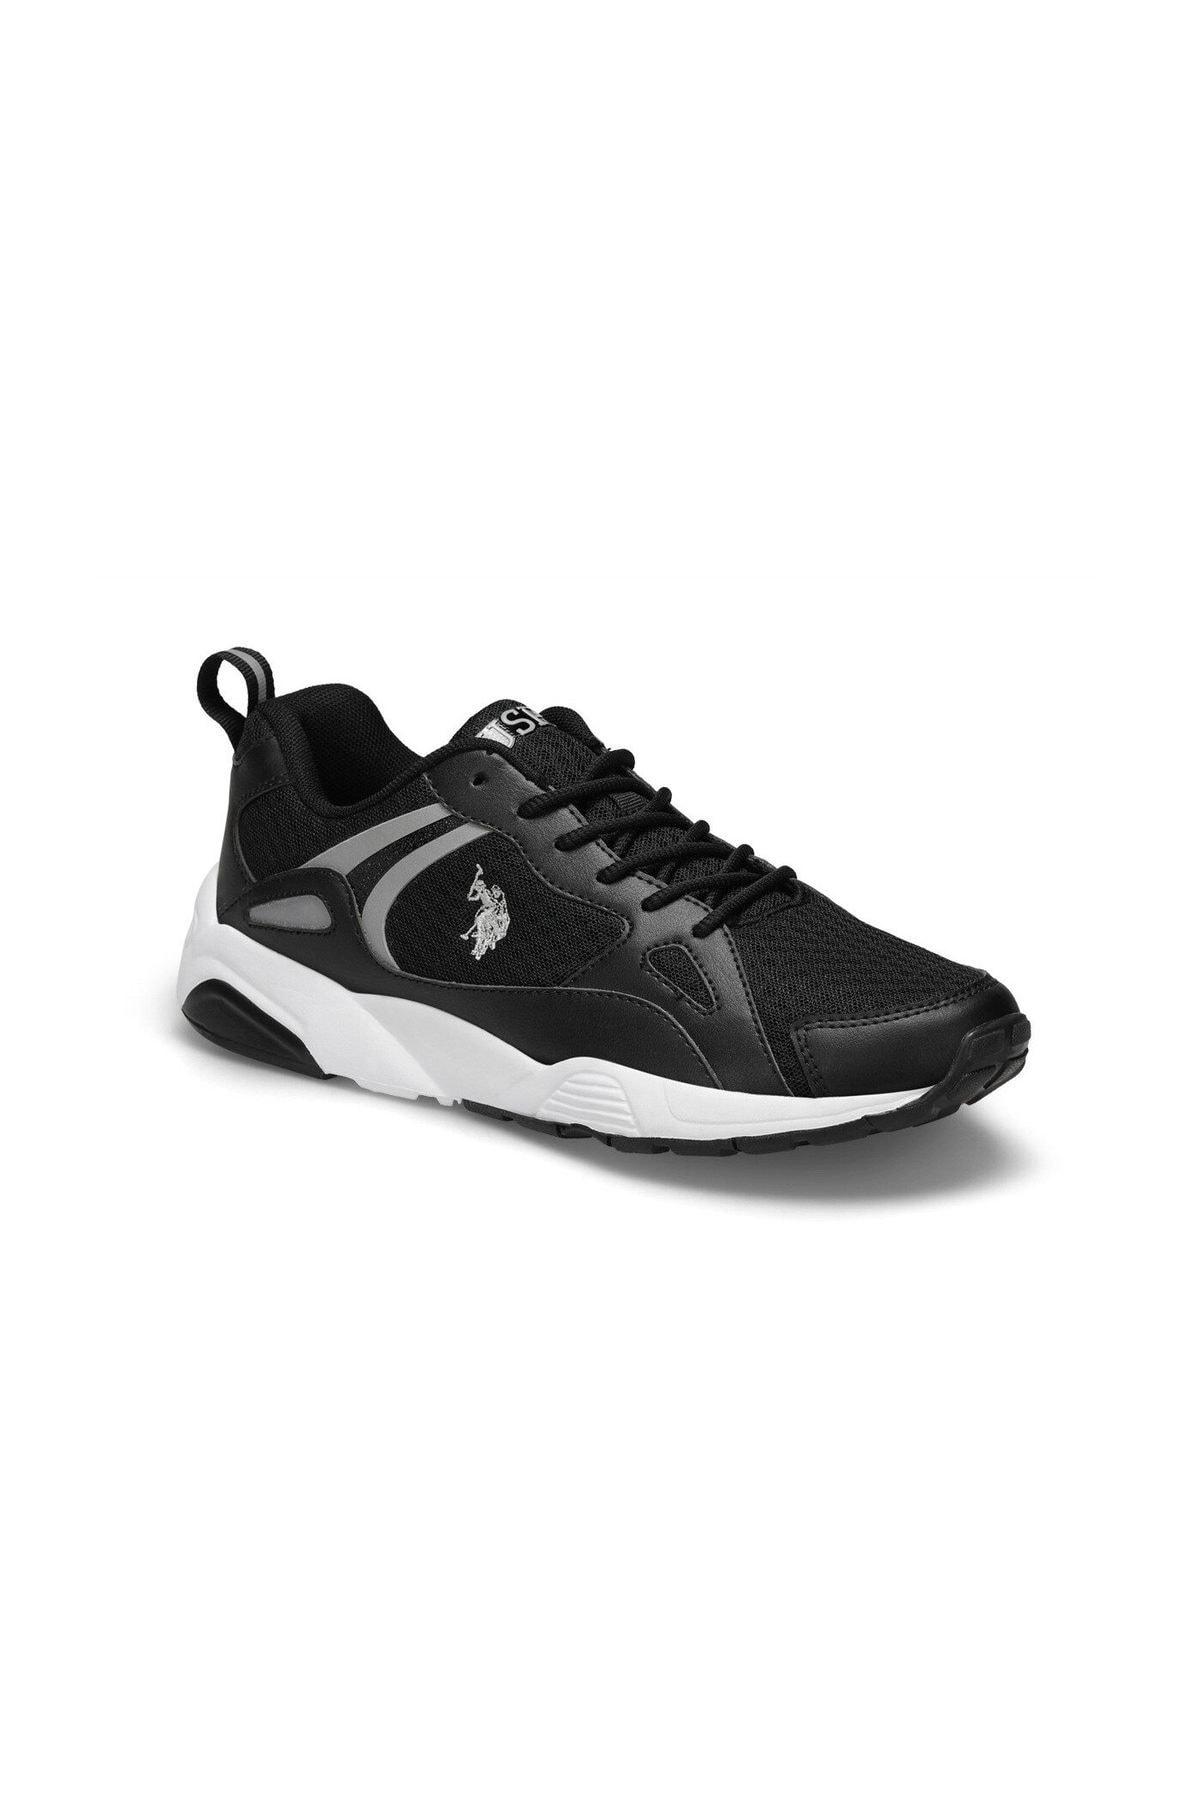 U.S. Polo Assn. BERLINGO Siyah Erkek Sneaker Ayakkabı 100489325 1